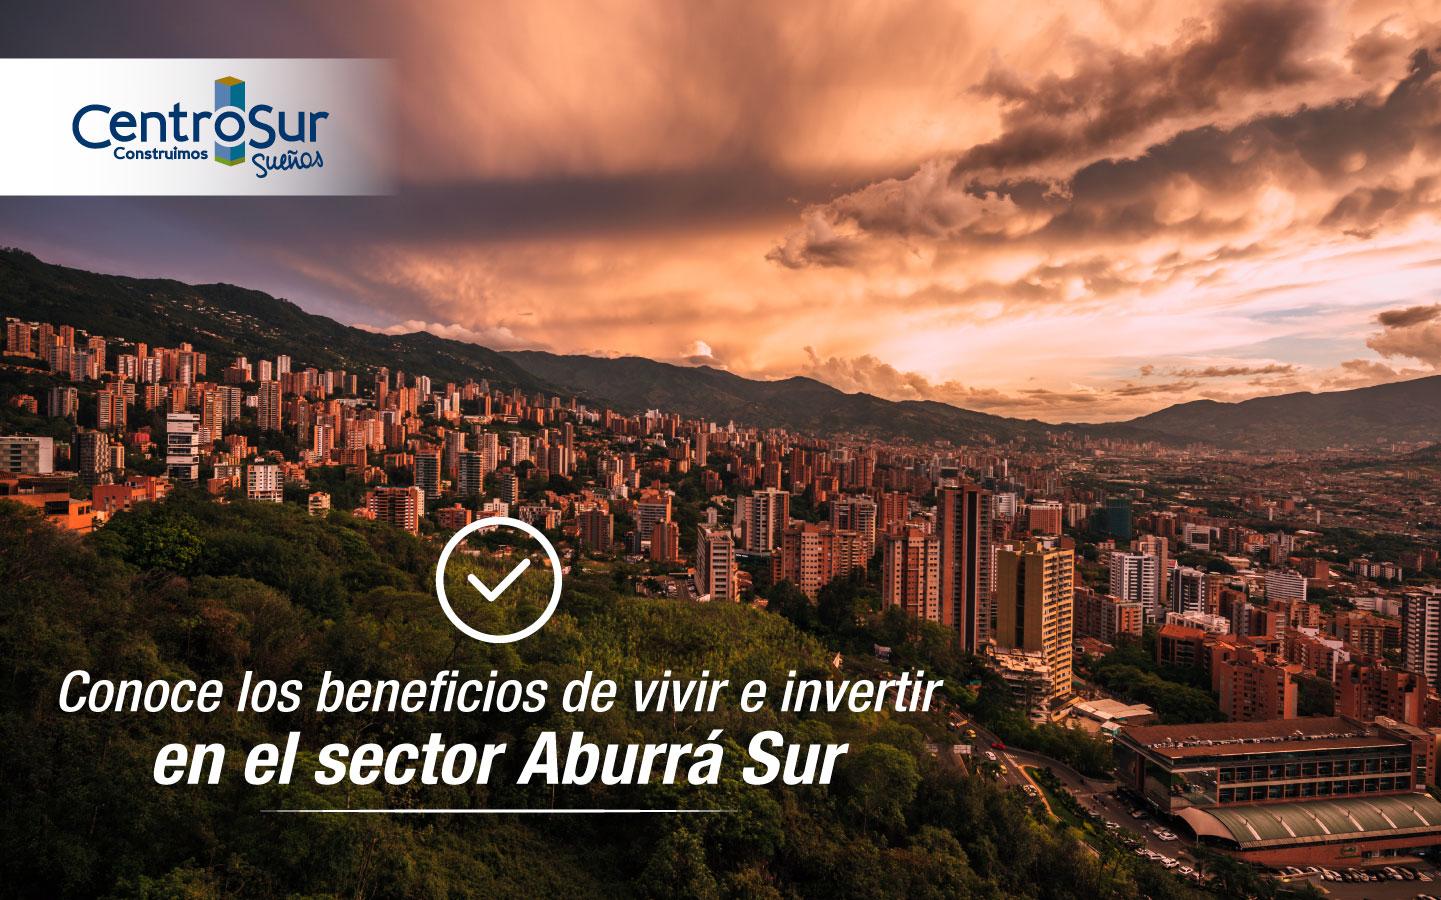 Conoce los beneficios de vivir e invertir en el sector Aburrá Sur